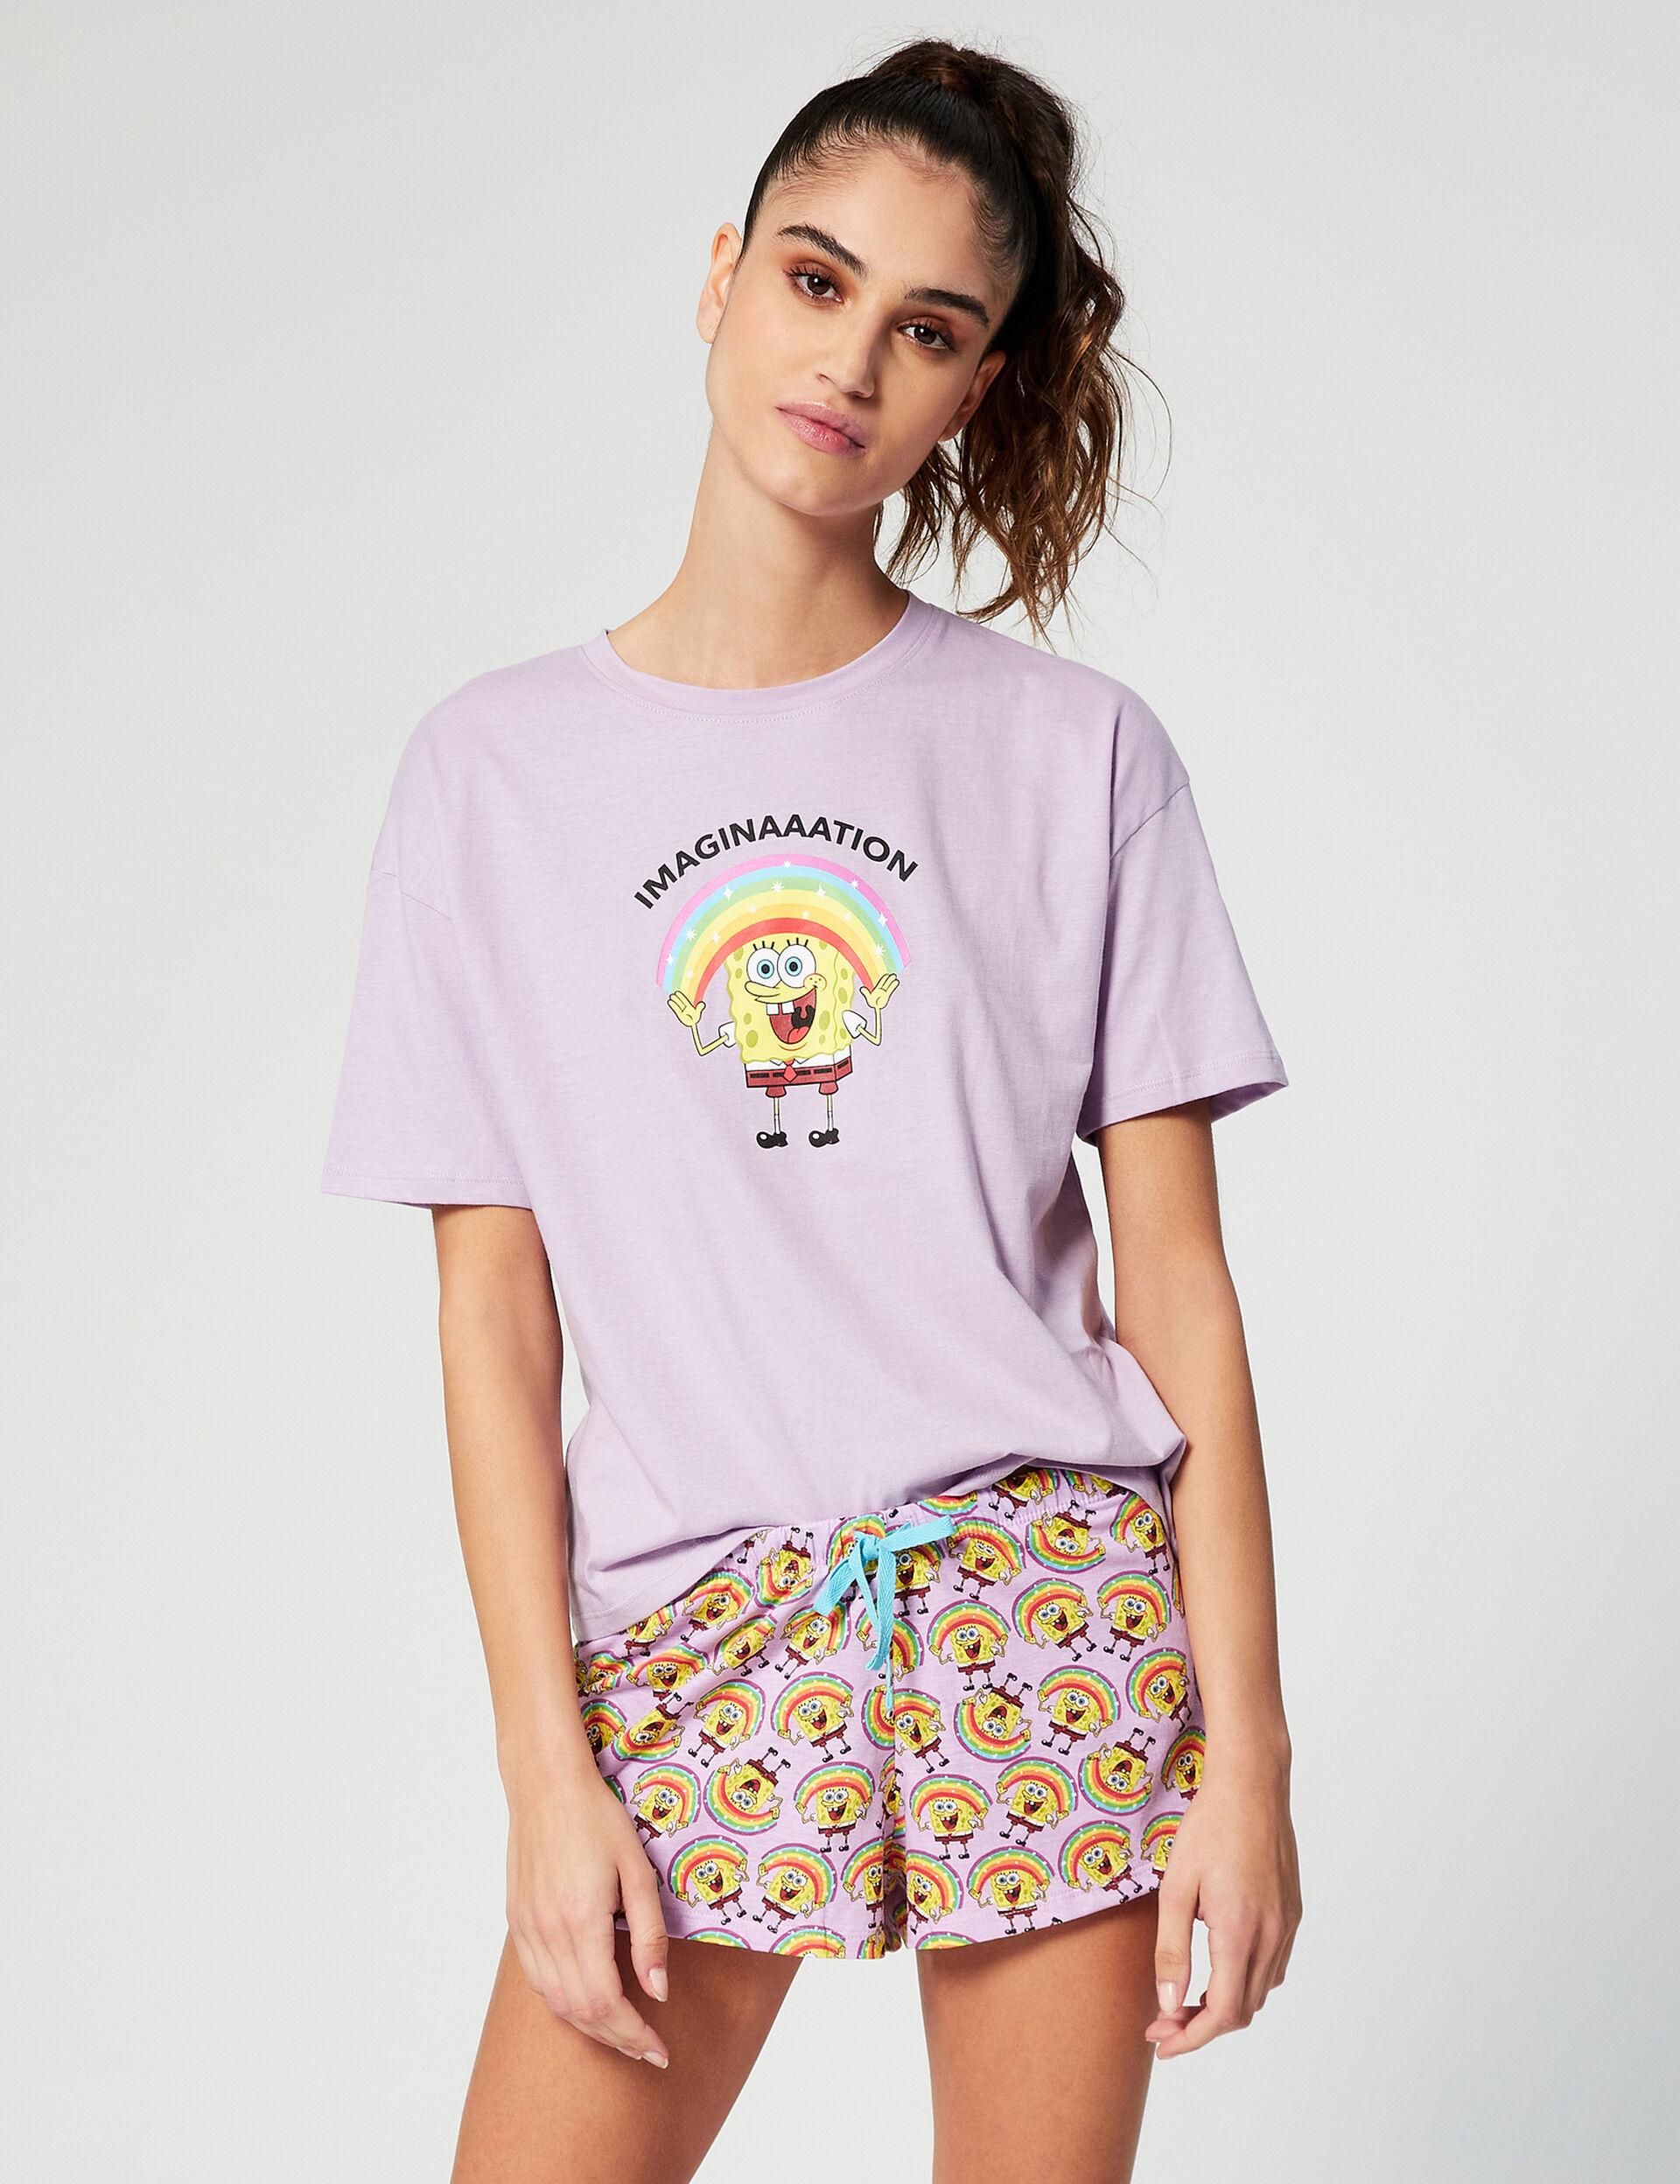 SpongeBob SquarePants pyjamas